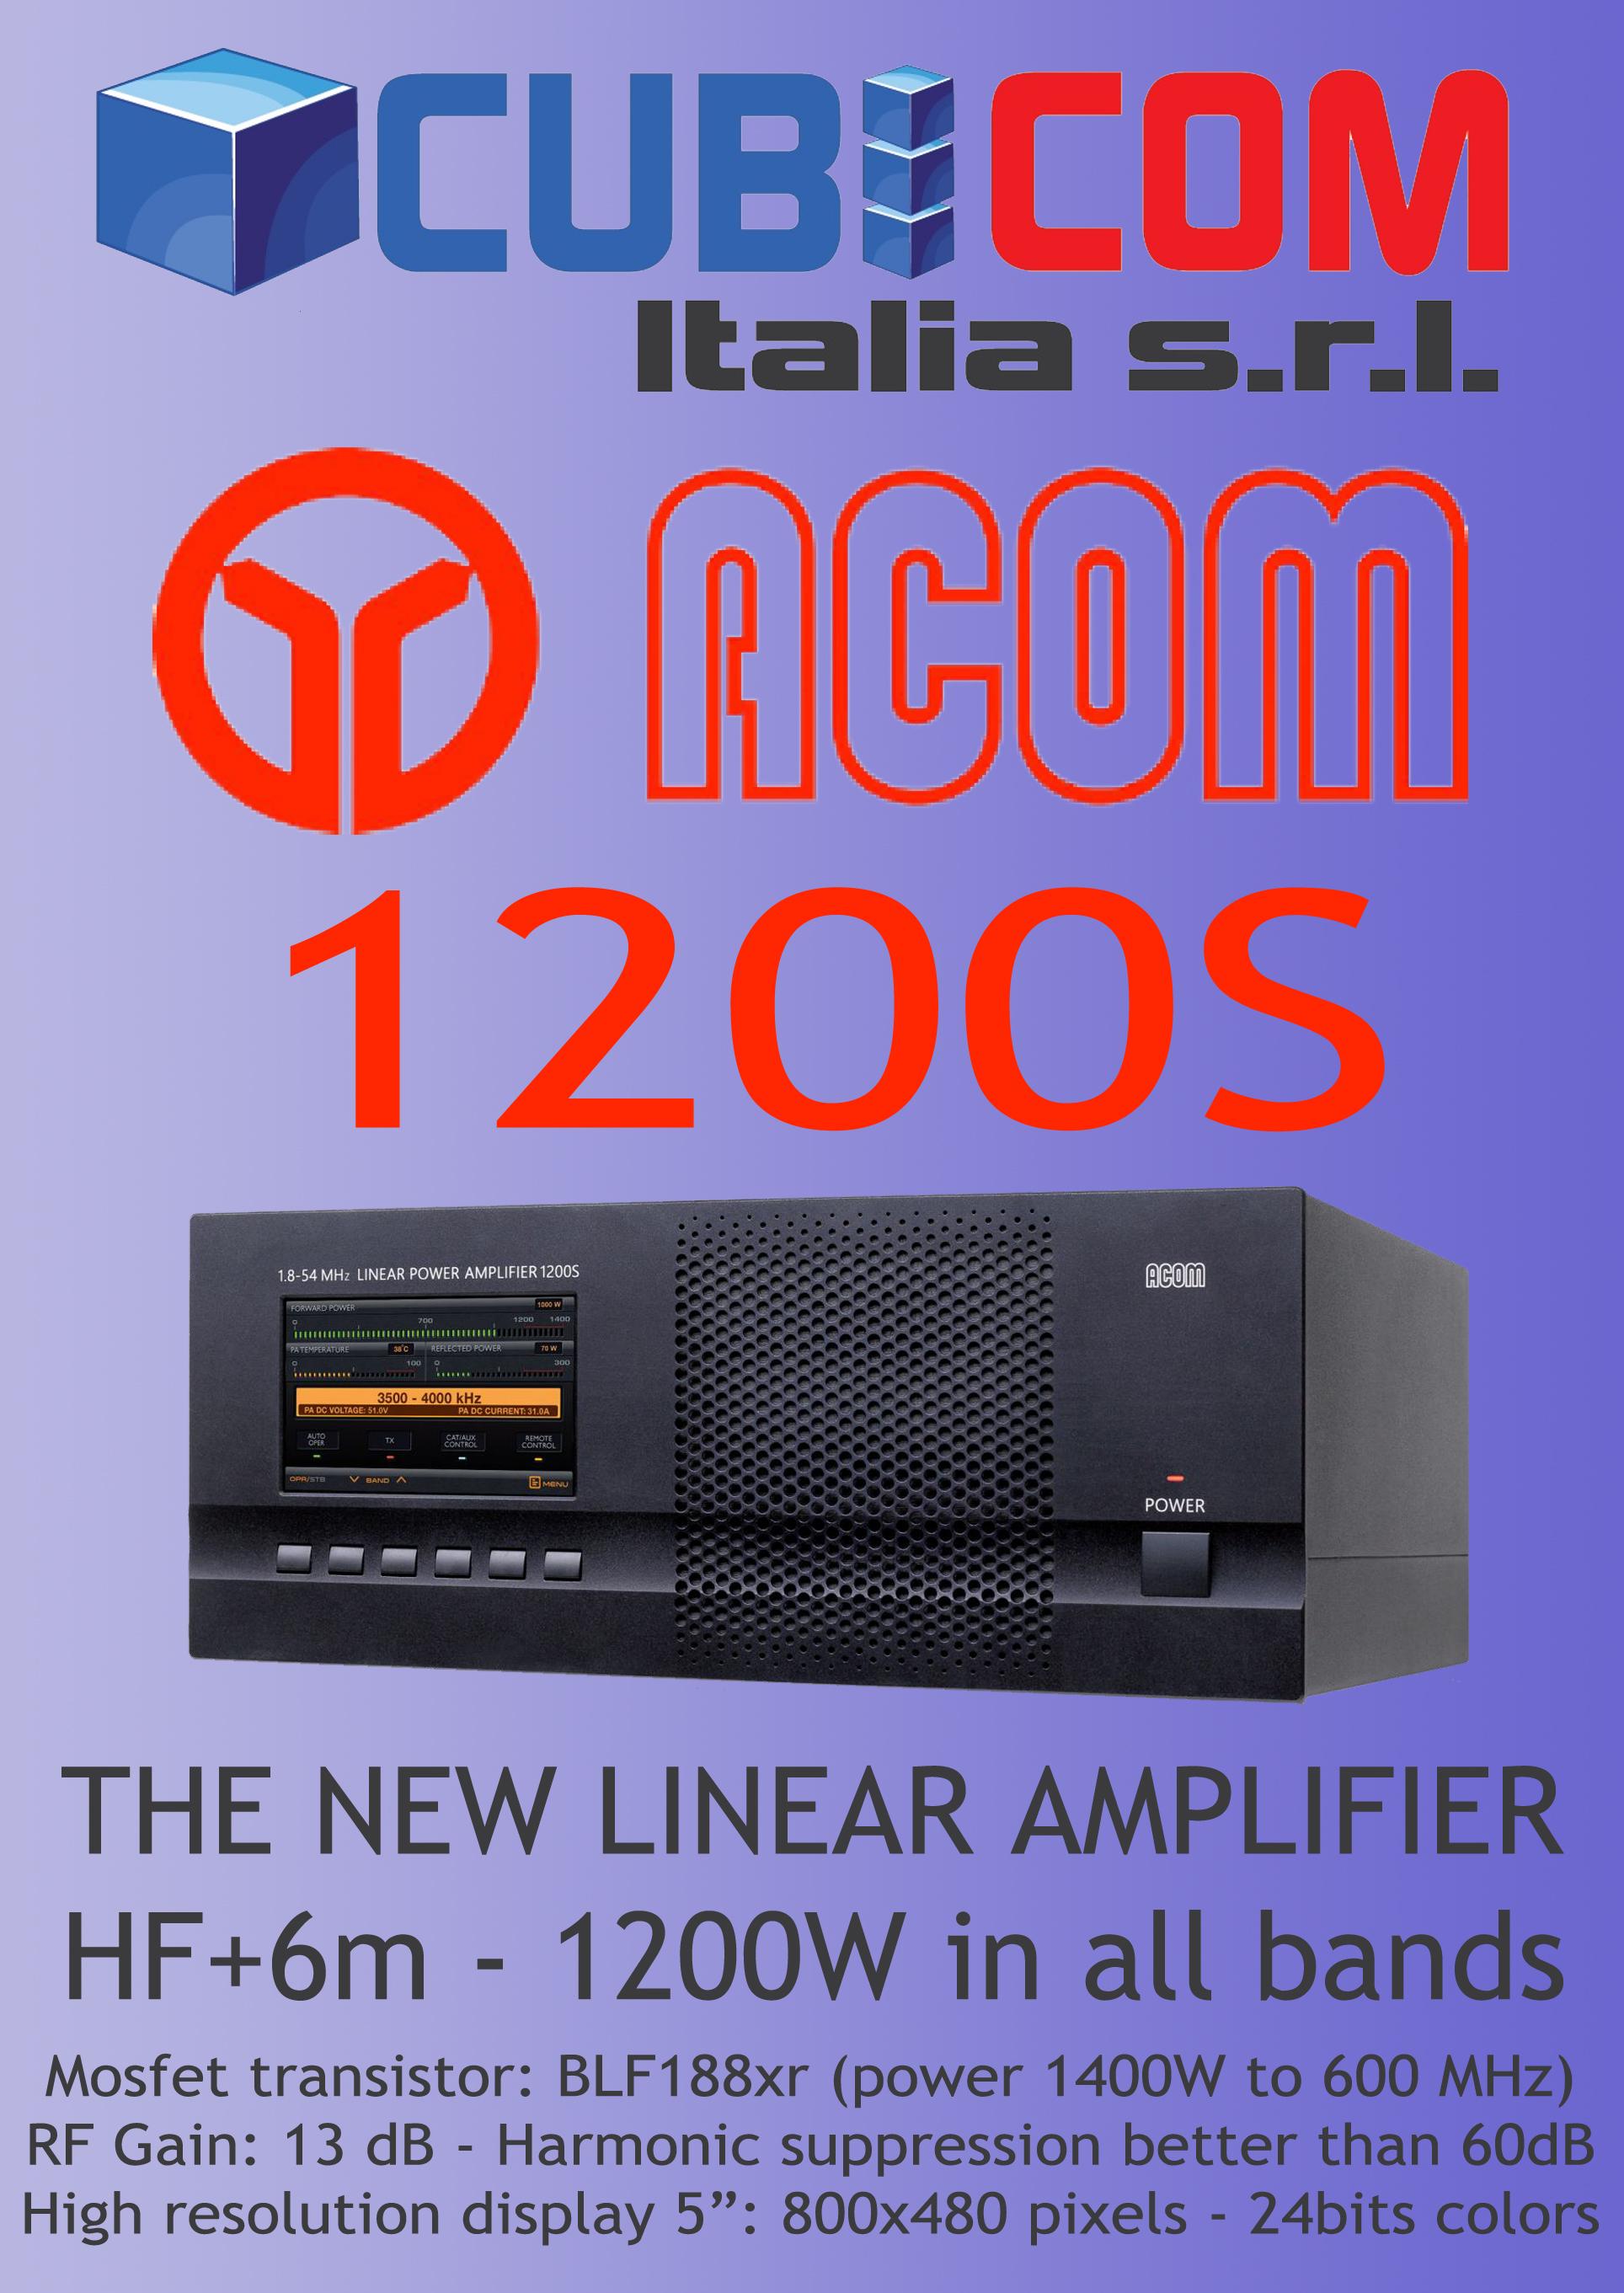 ACOM 1200S